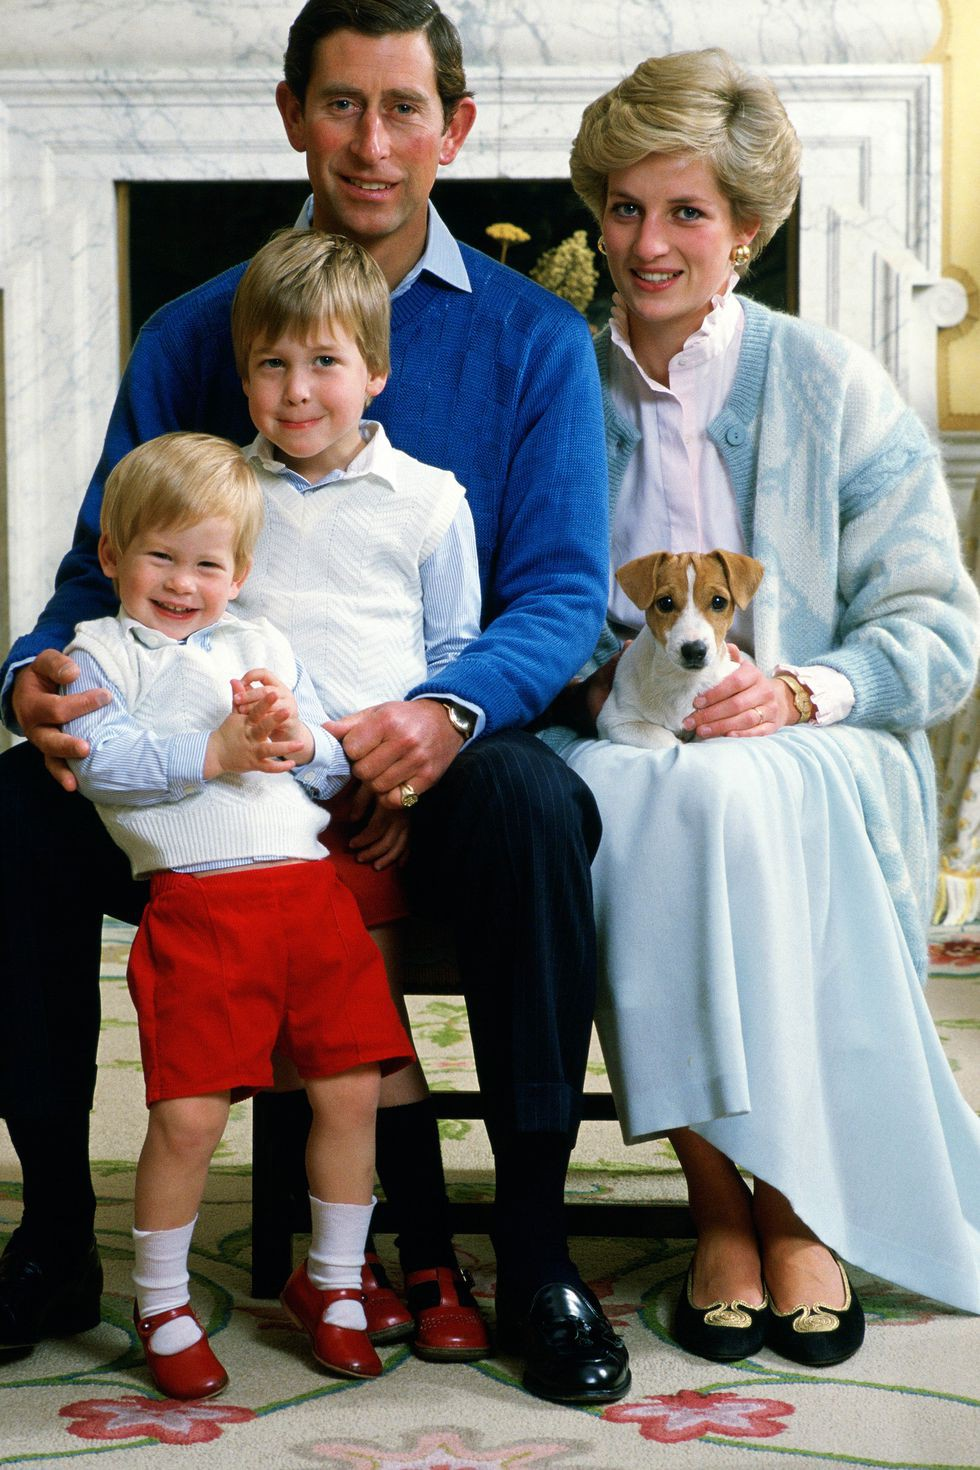 Xem 25 bức ảnh chân dung của Hoàng gia Anh, bạn sẽ hiểu thêm về 8 thế hệ của gia đình quyền lực này - Ảnh 15.